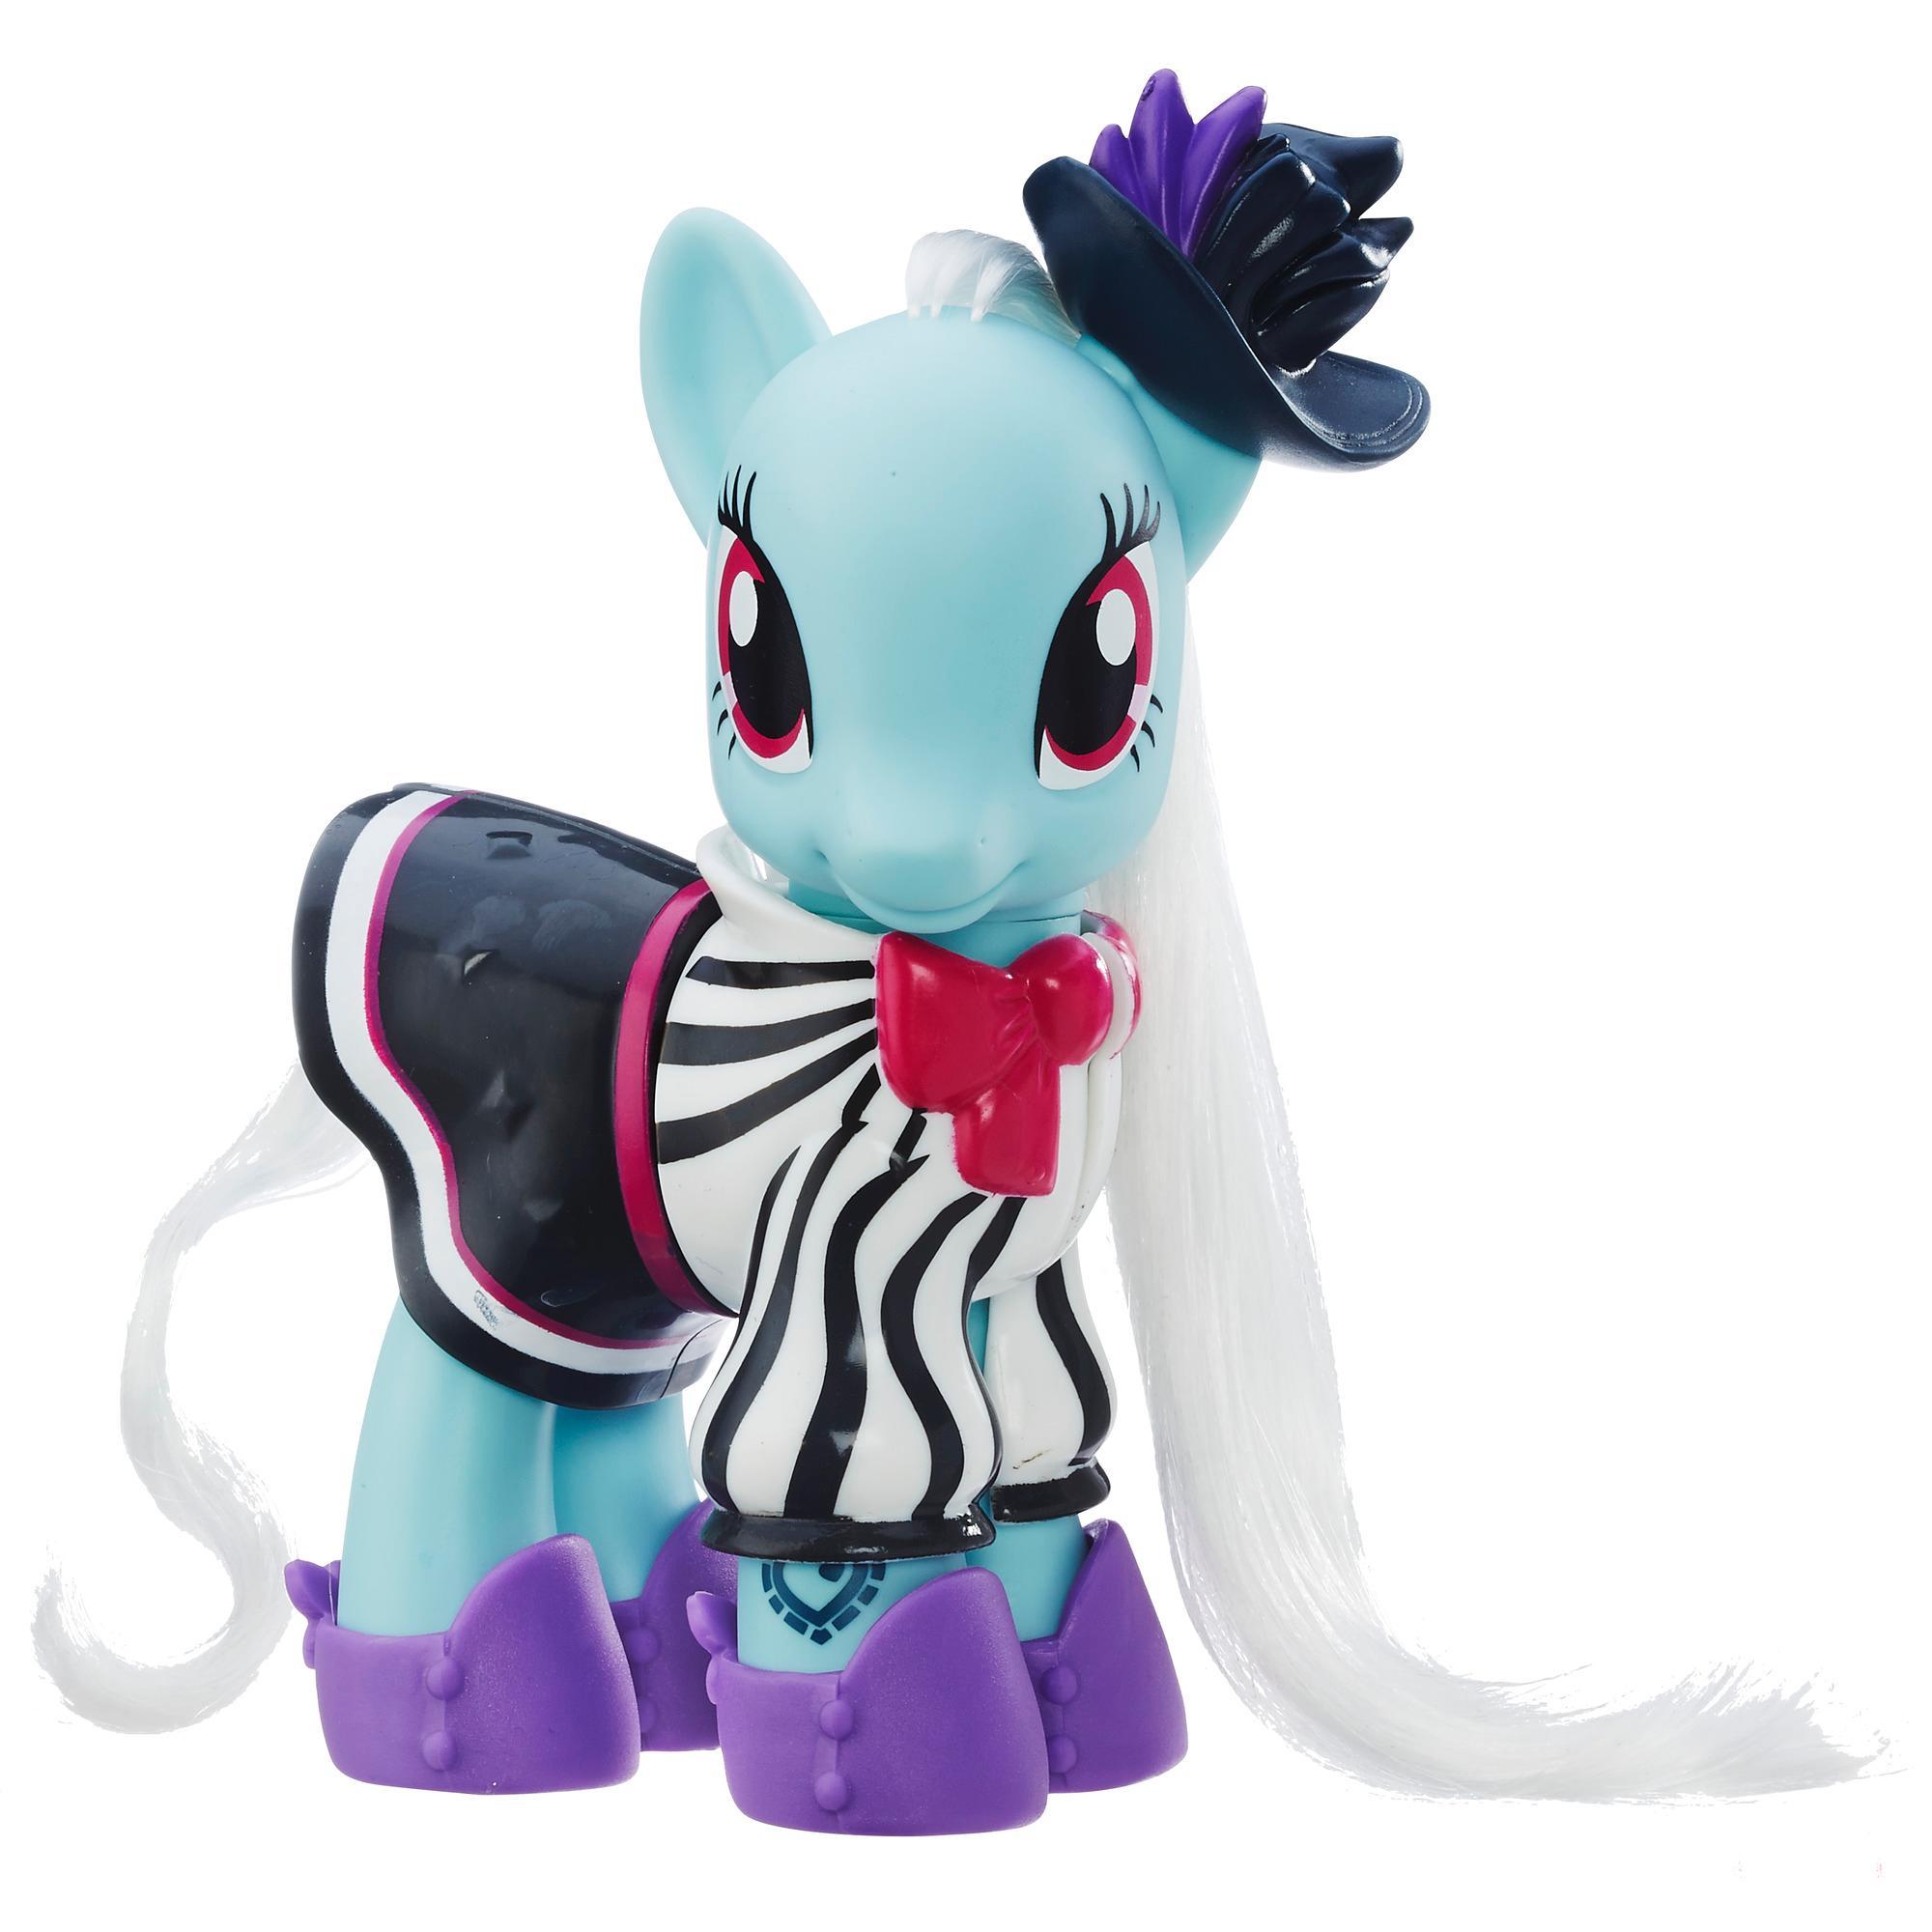 Figura My Little Pony Explore Equestria Fashion Sortido